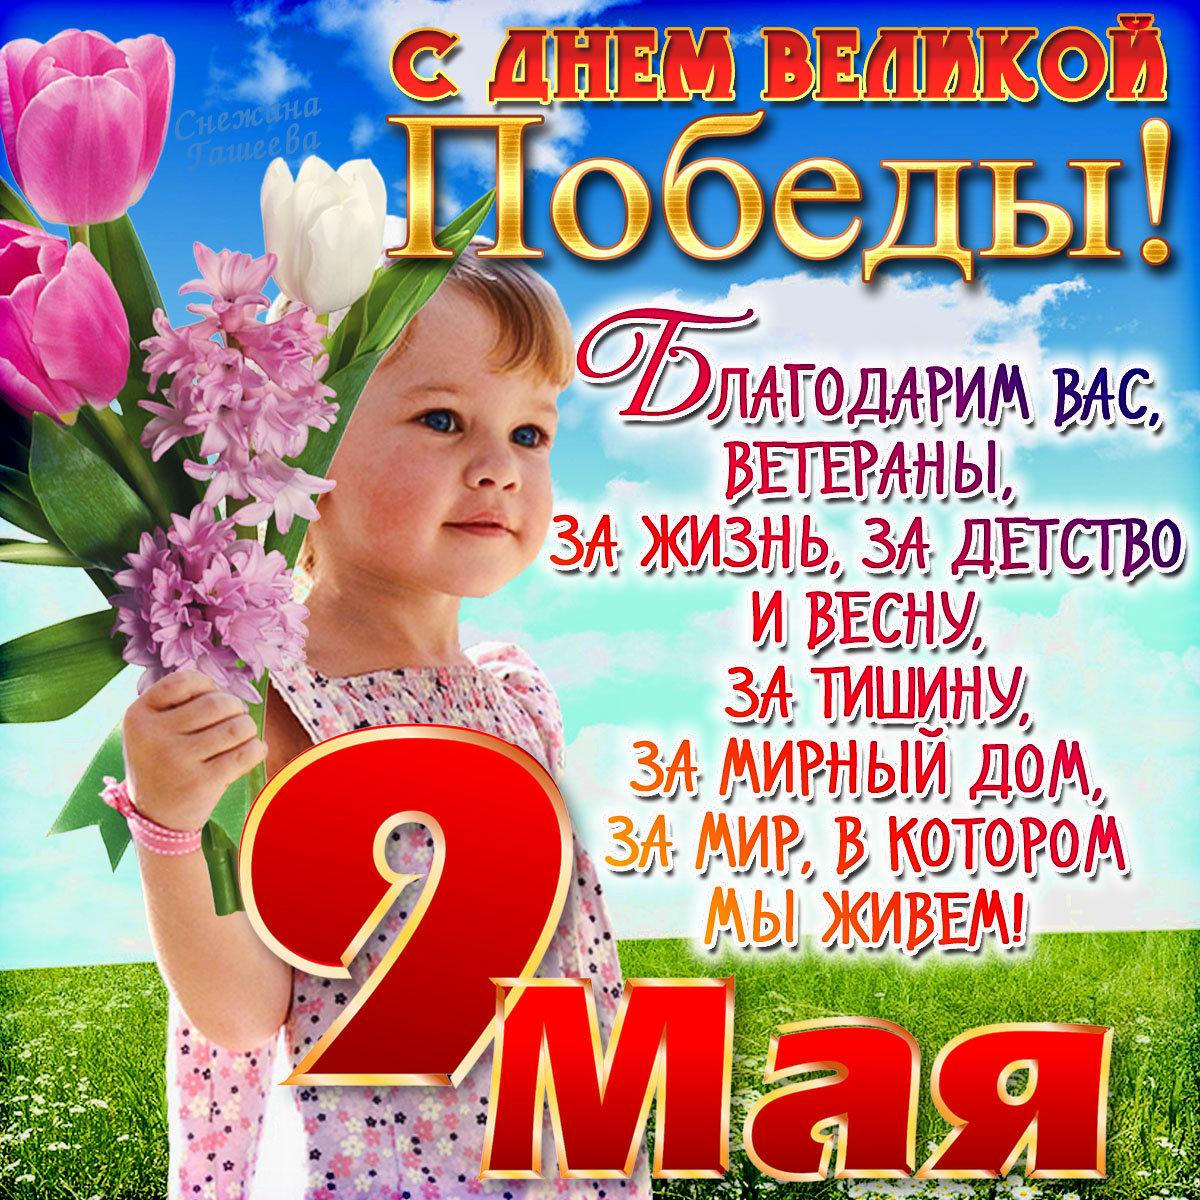 предоставил поздравления и пожелания на 9 мая ближним, дарите